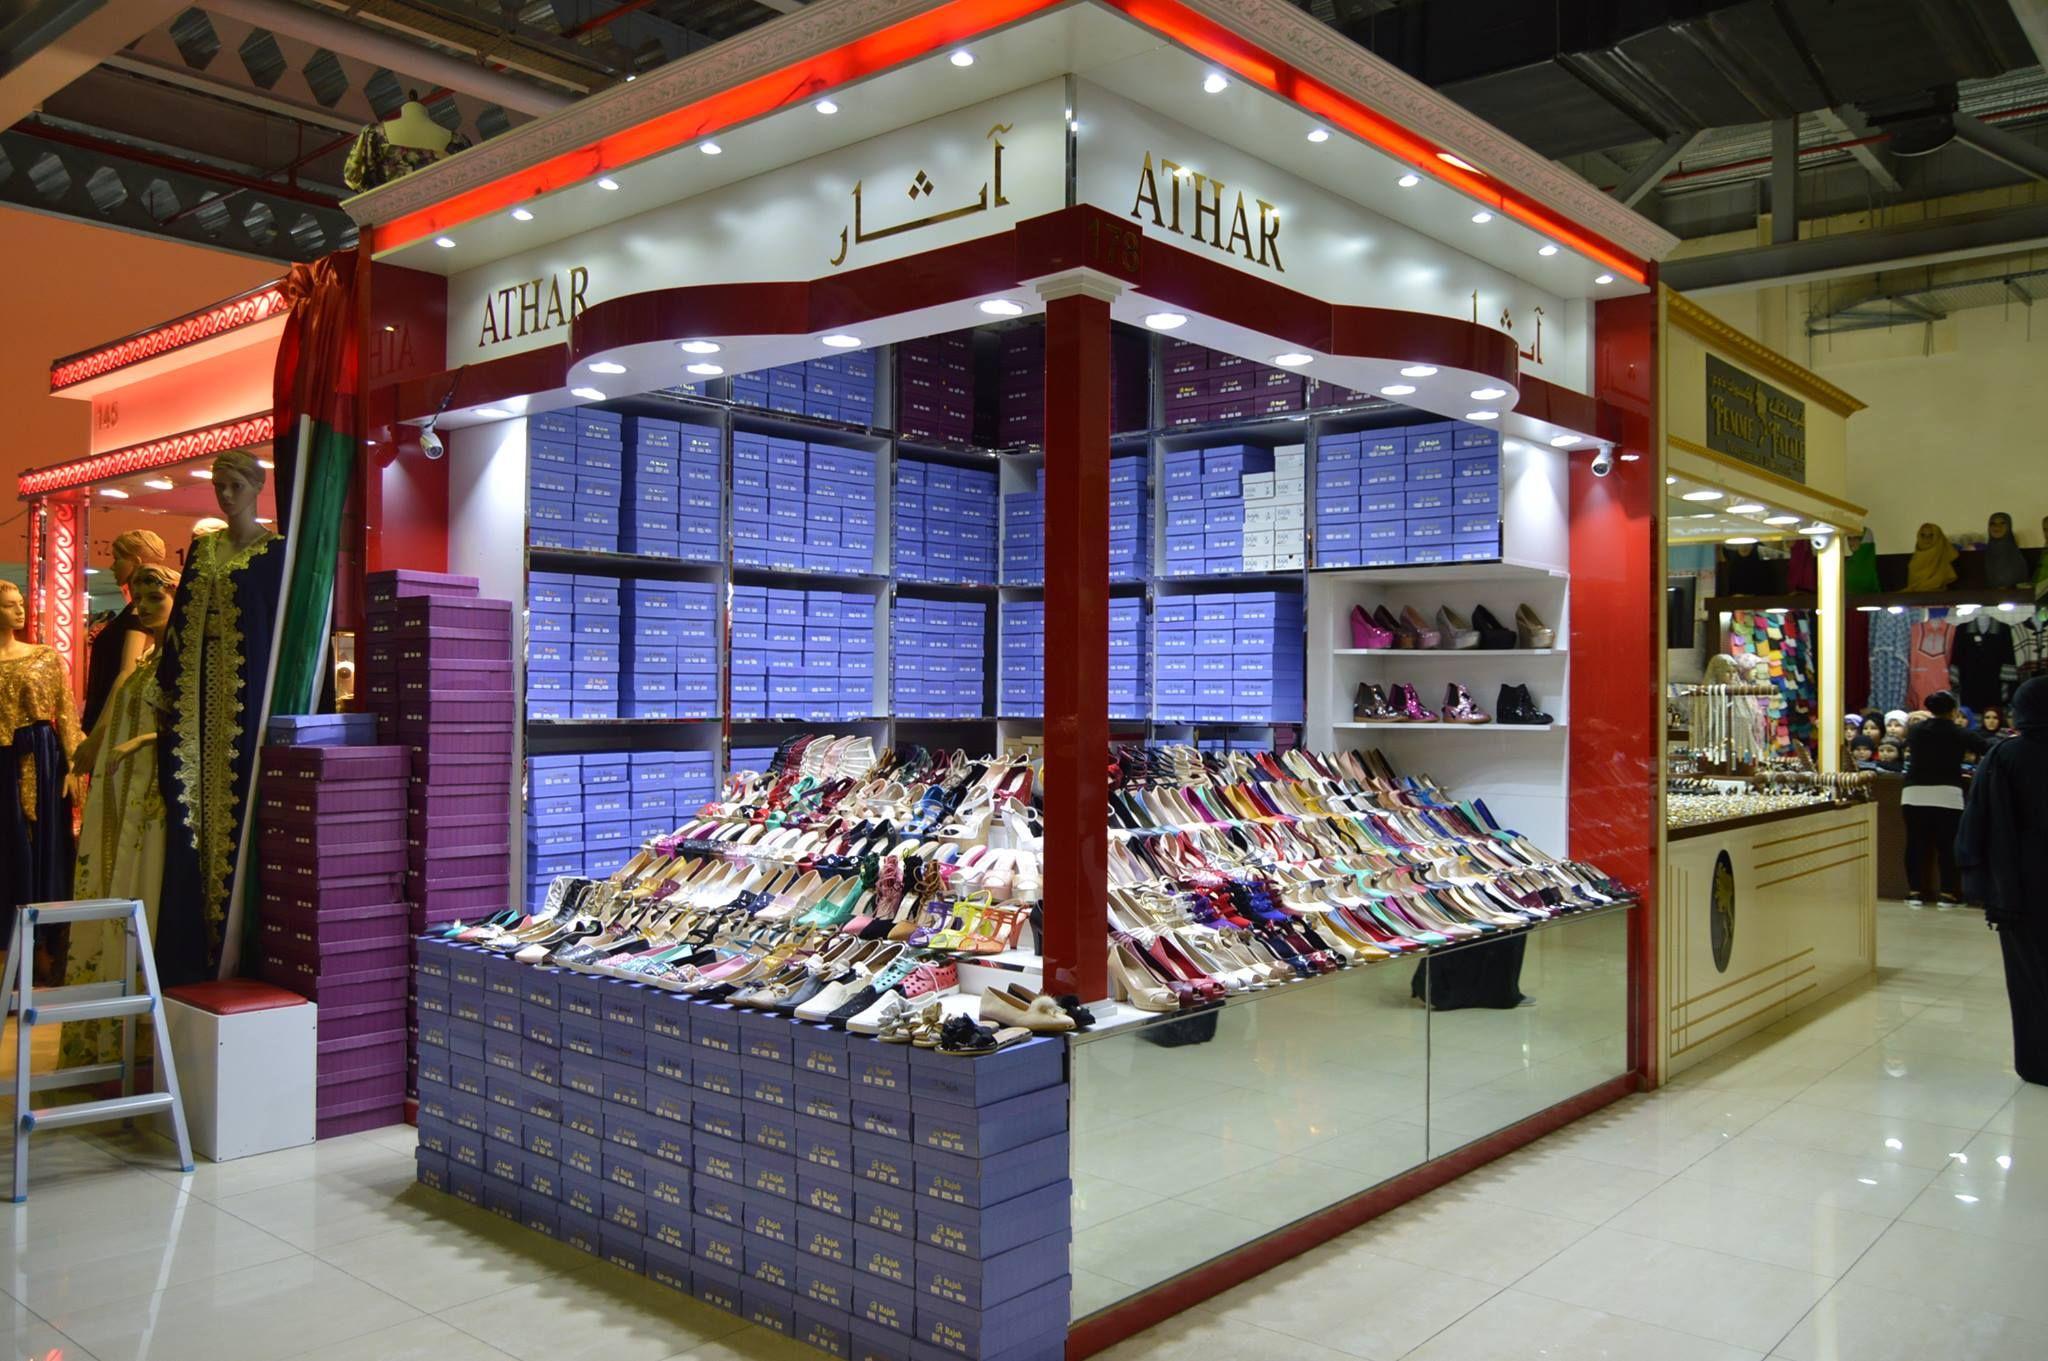 لدينا تشكيلة متنوعة من الأحذية النسائية في عدة محلات في صالة المعرض في قرية الشعب تفضلوا بزيارتنا للتسوق والترفي At Al Shaab Vil Loft Bed Home Decor Decor